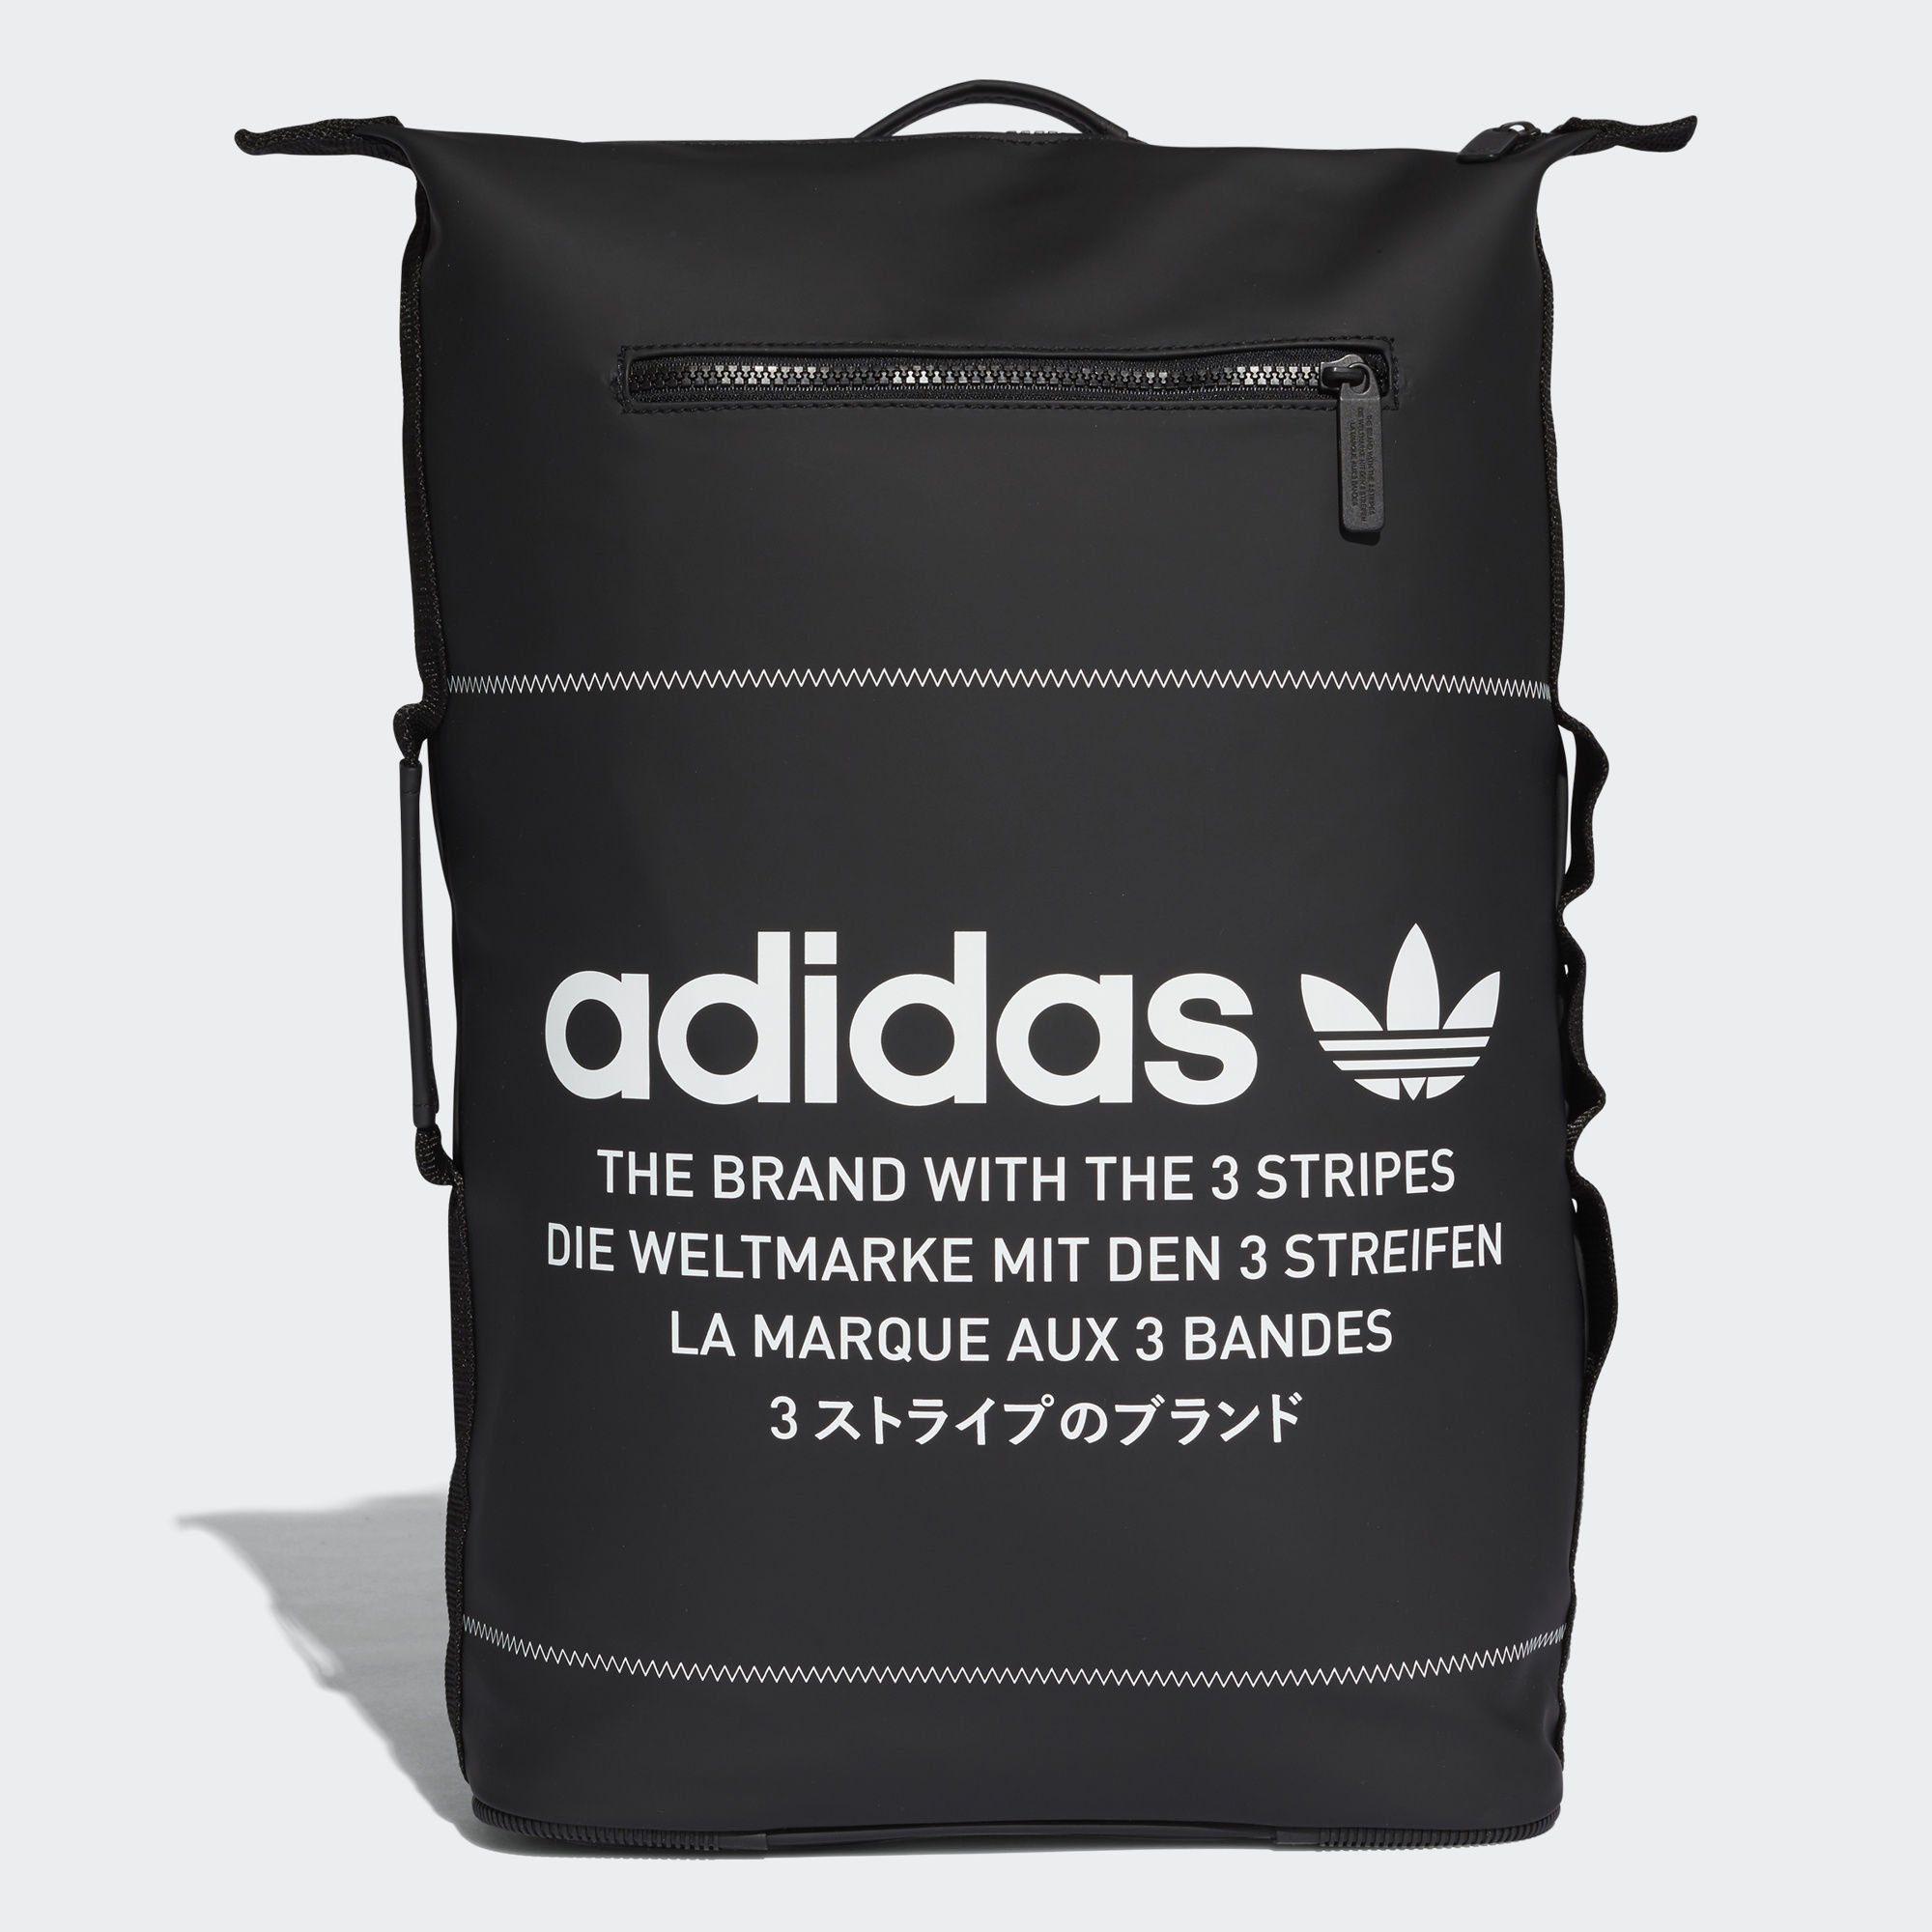 adidas Originals Sporttasche »adidas NMD Rucksack«